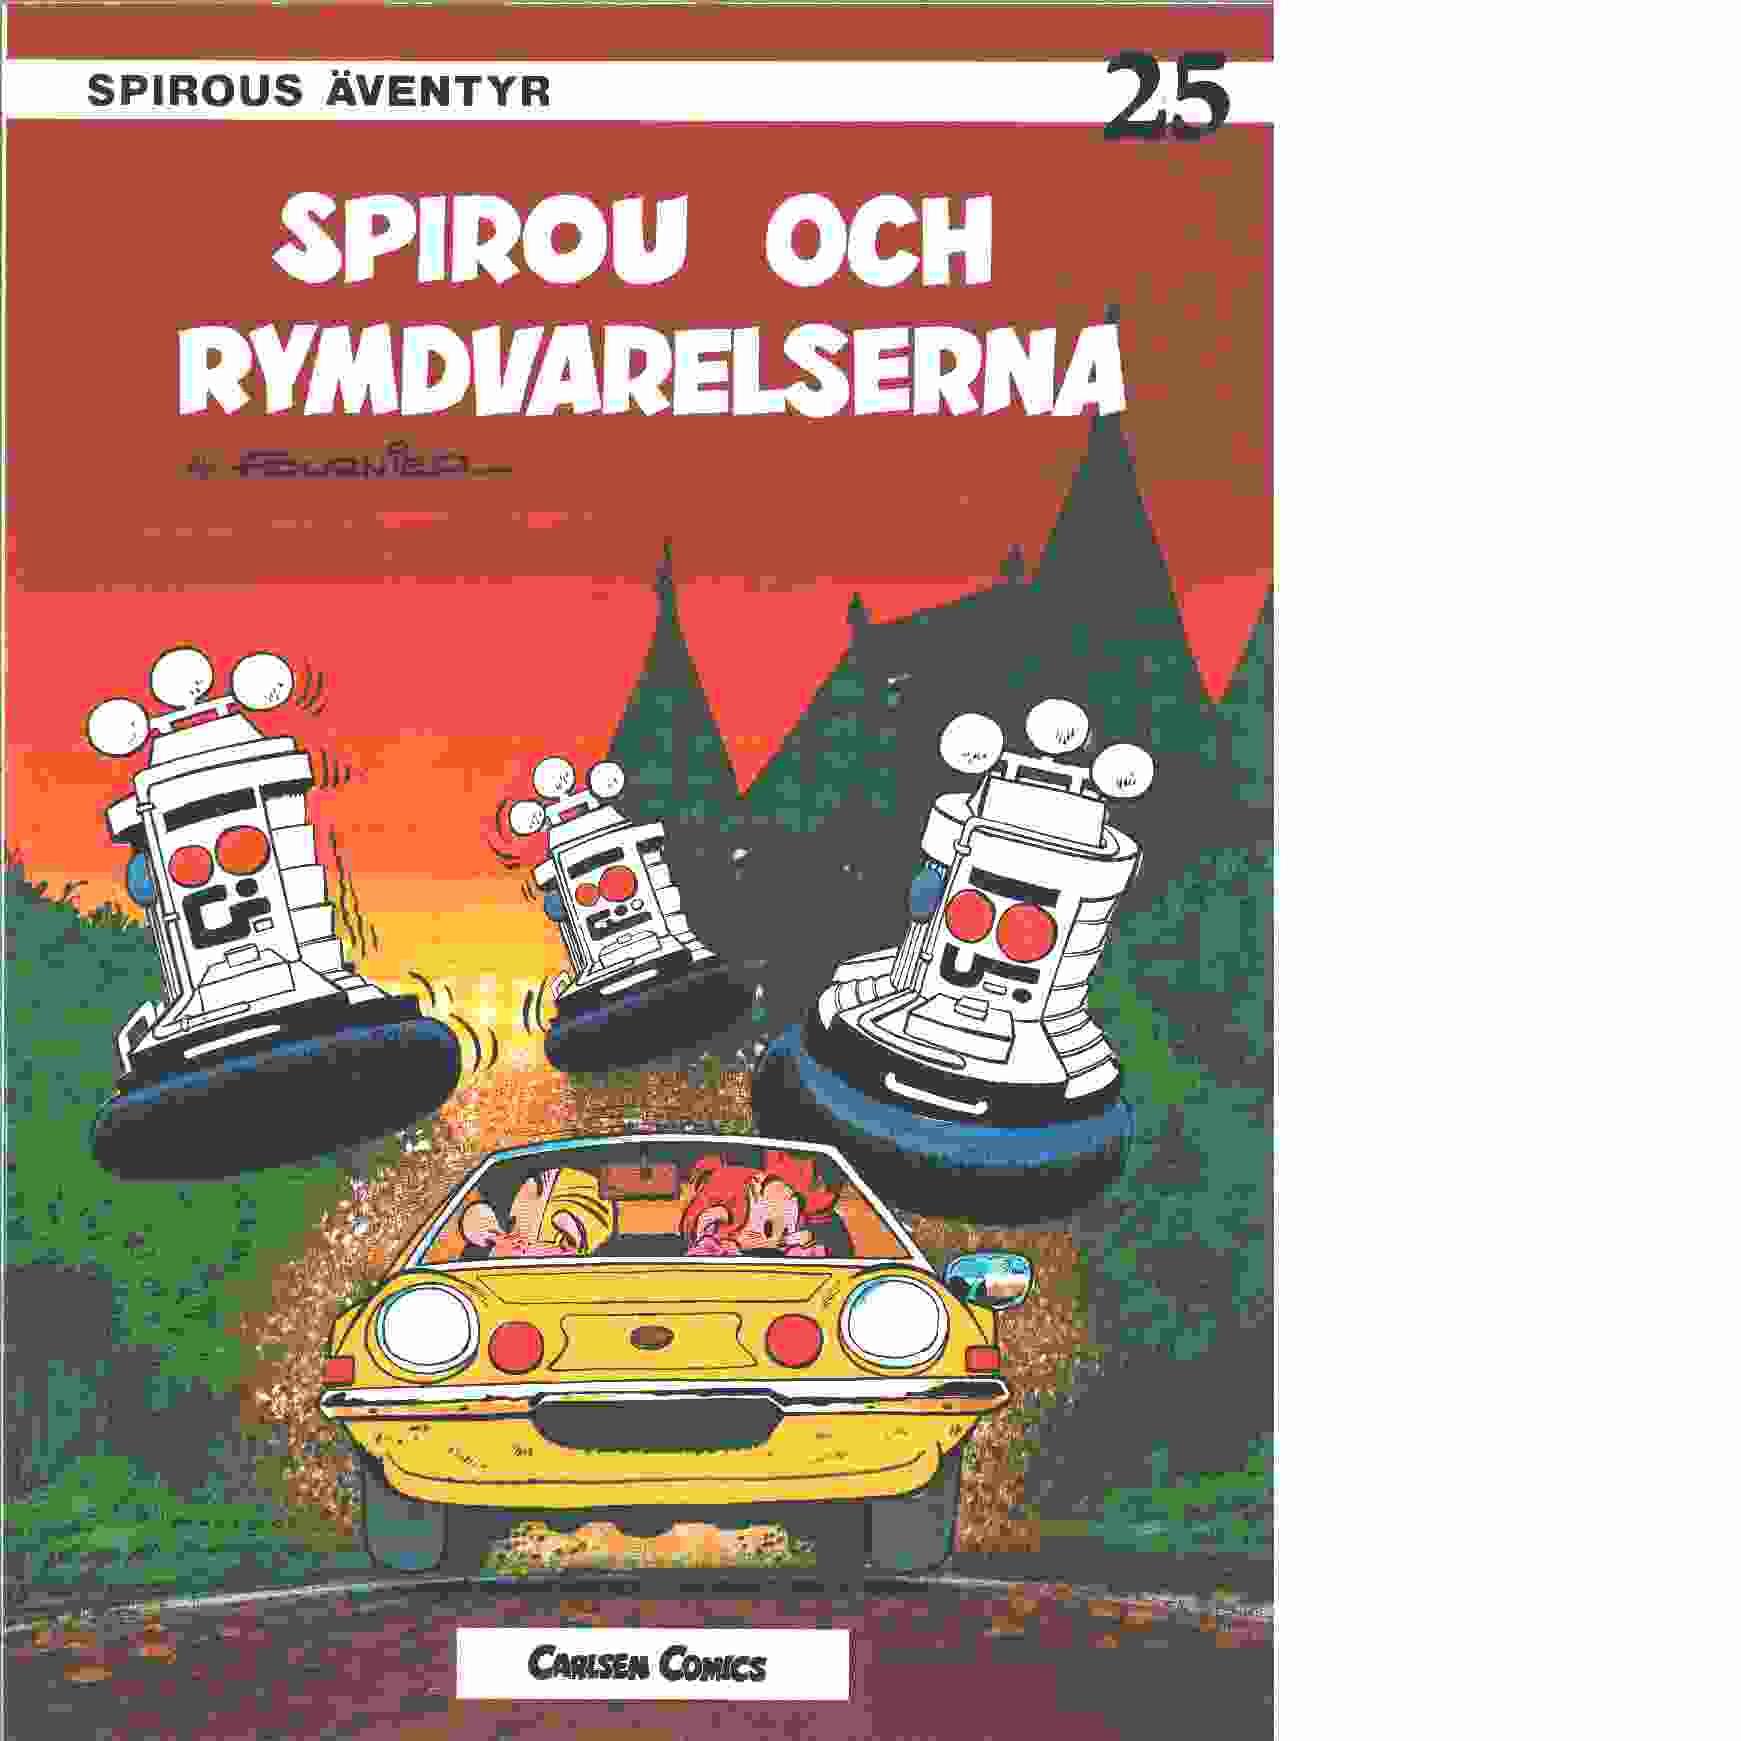 Spirous äventyr 25 : Spirou och rymdvarelserna - Fournier, Jean Claude och Franquin, André